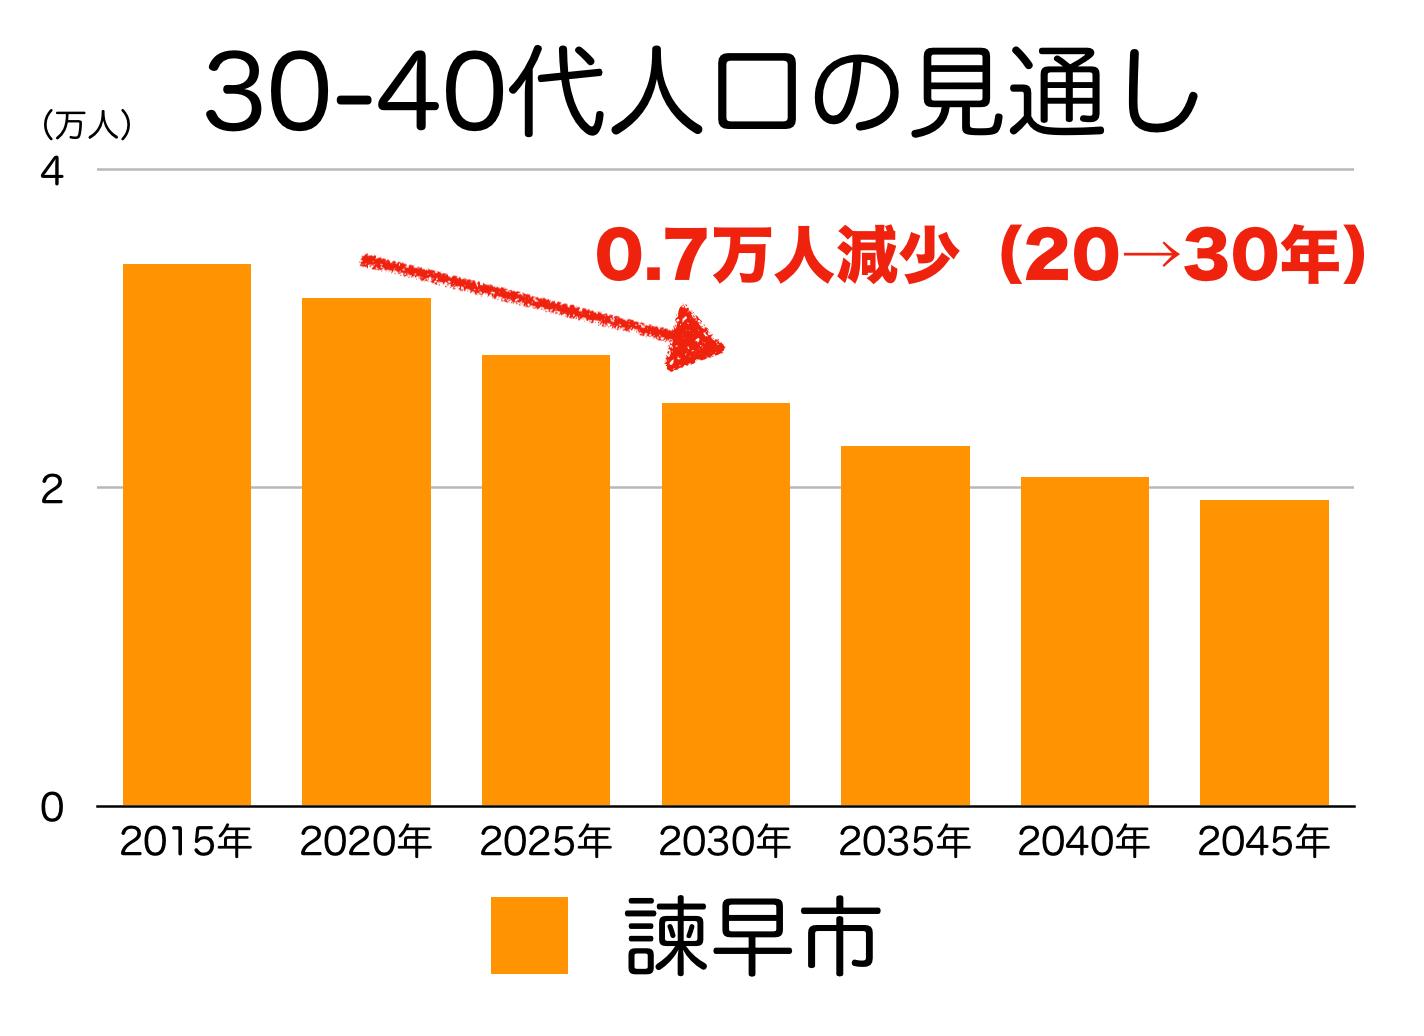 諫早市の30〜40代人口の予測